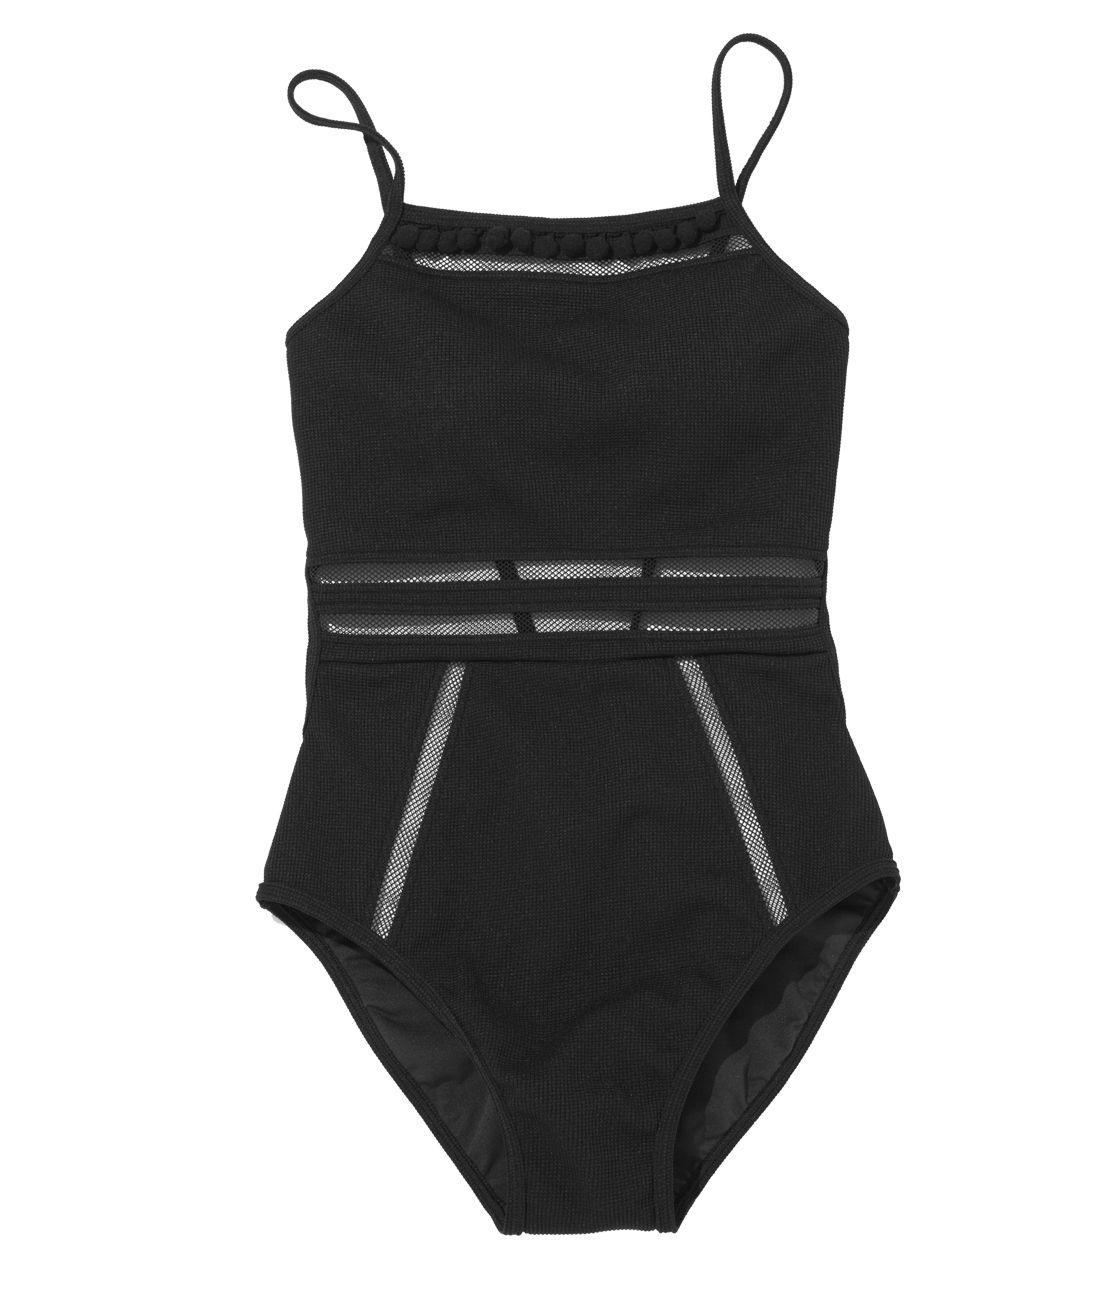 2WAY mesh swimwear